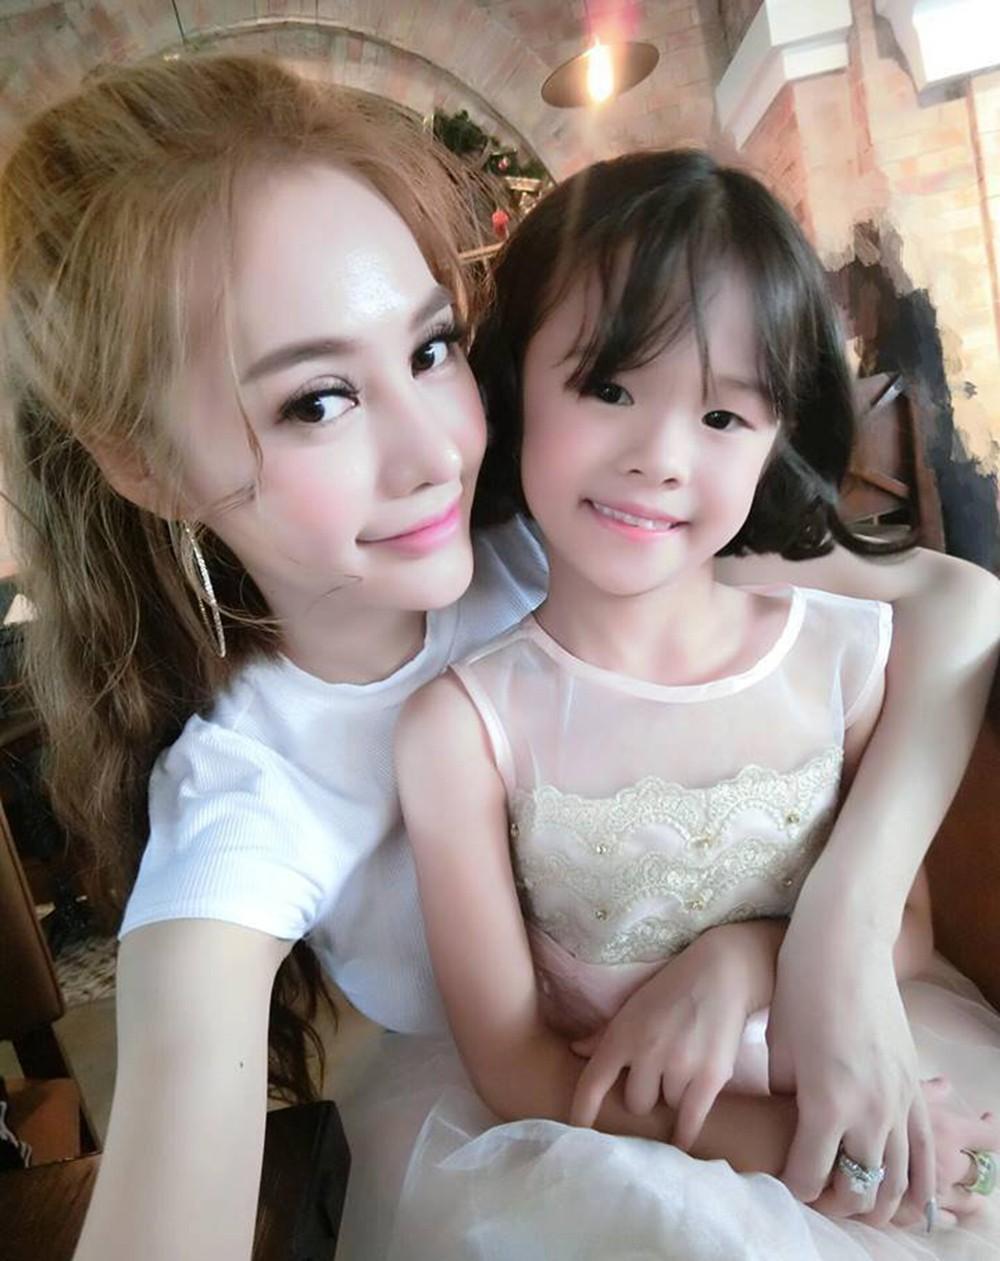 Bị chỉ trích lôi con gái ra sân si với Lý Phương Châu, Linh Chi đáp trả: Nhân cách tôi hơn cô ta! - Ảnh 4.